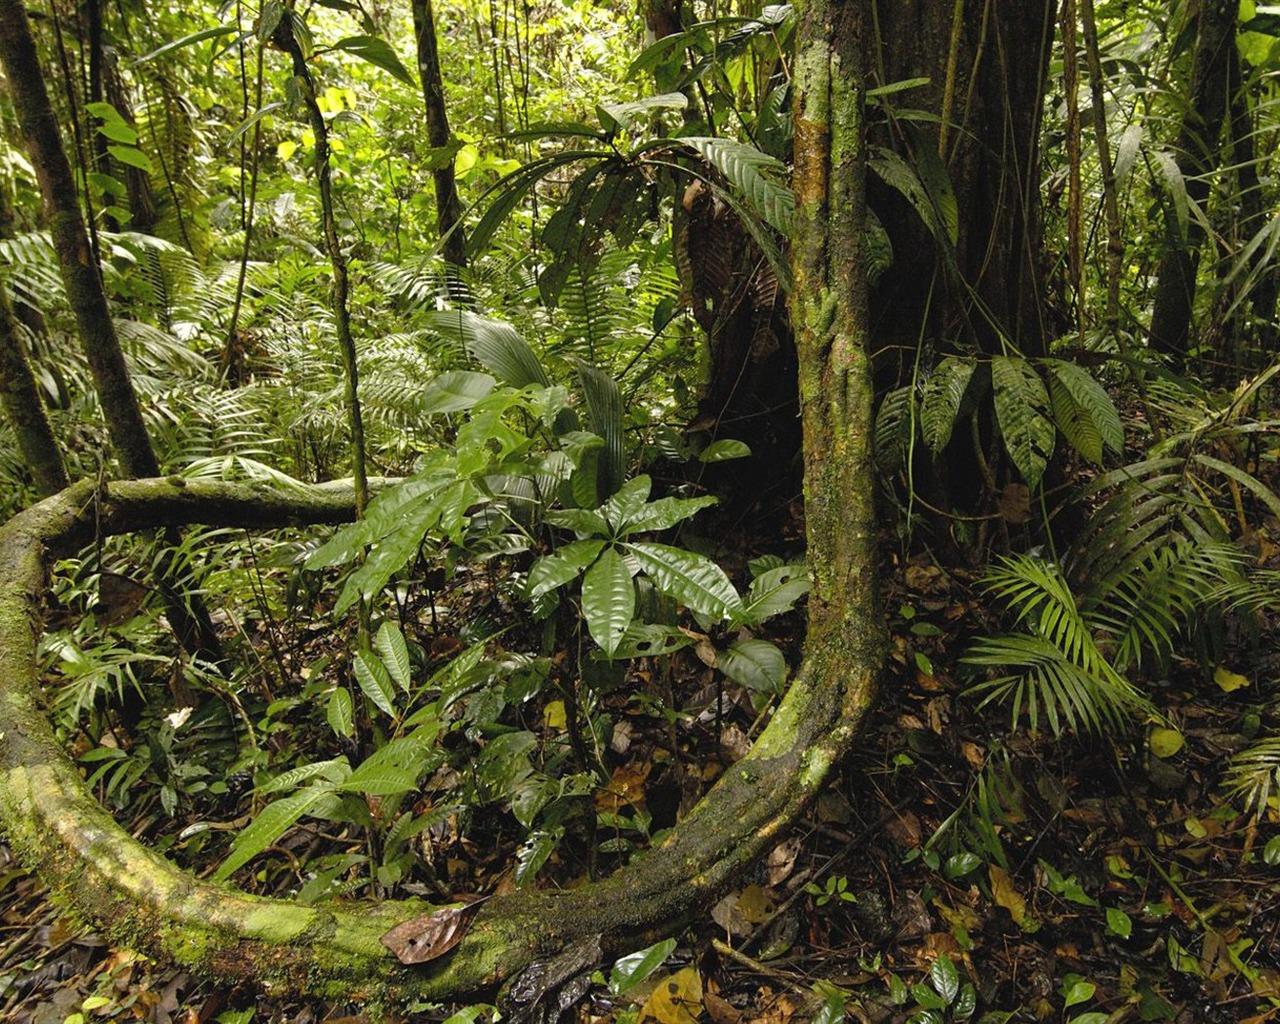 Equateur Parc National Yasuni Wallpaper For 234 T Amazonienne